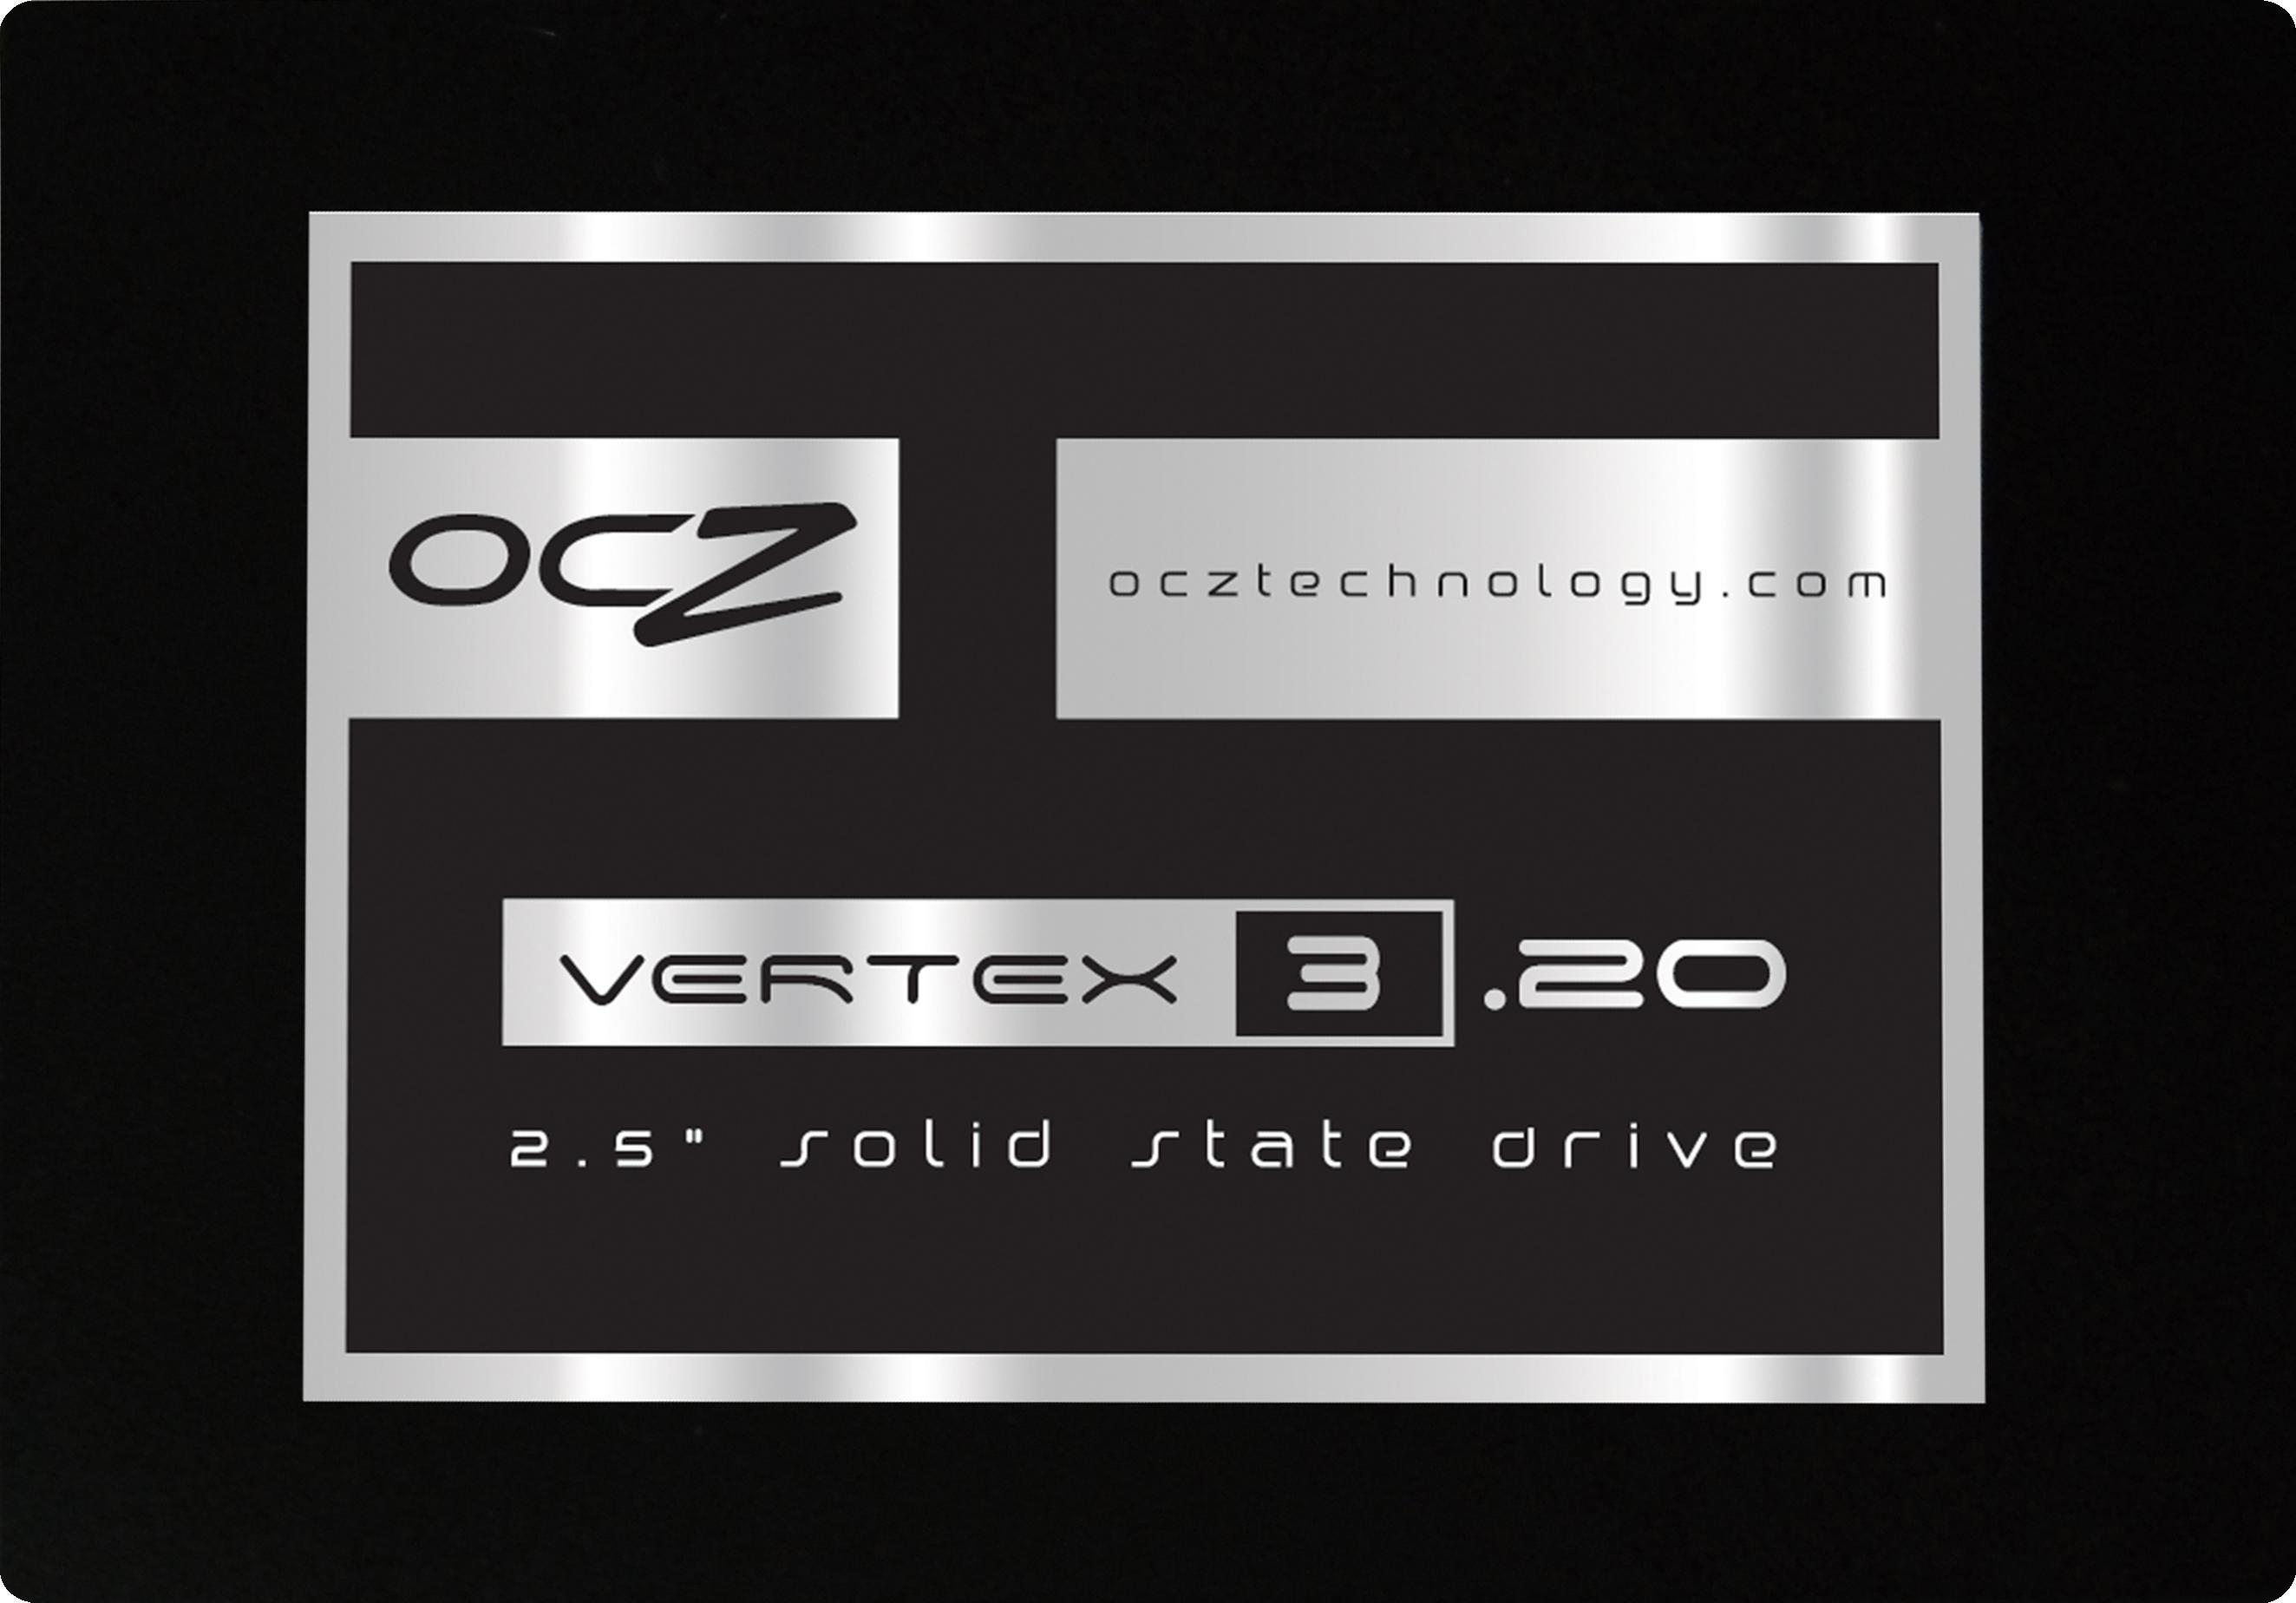 OCZ Vertex 3.20 120GB